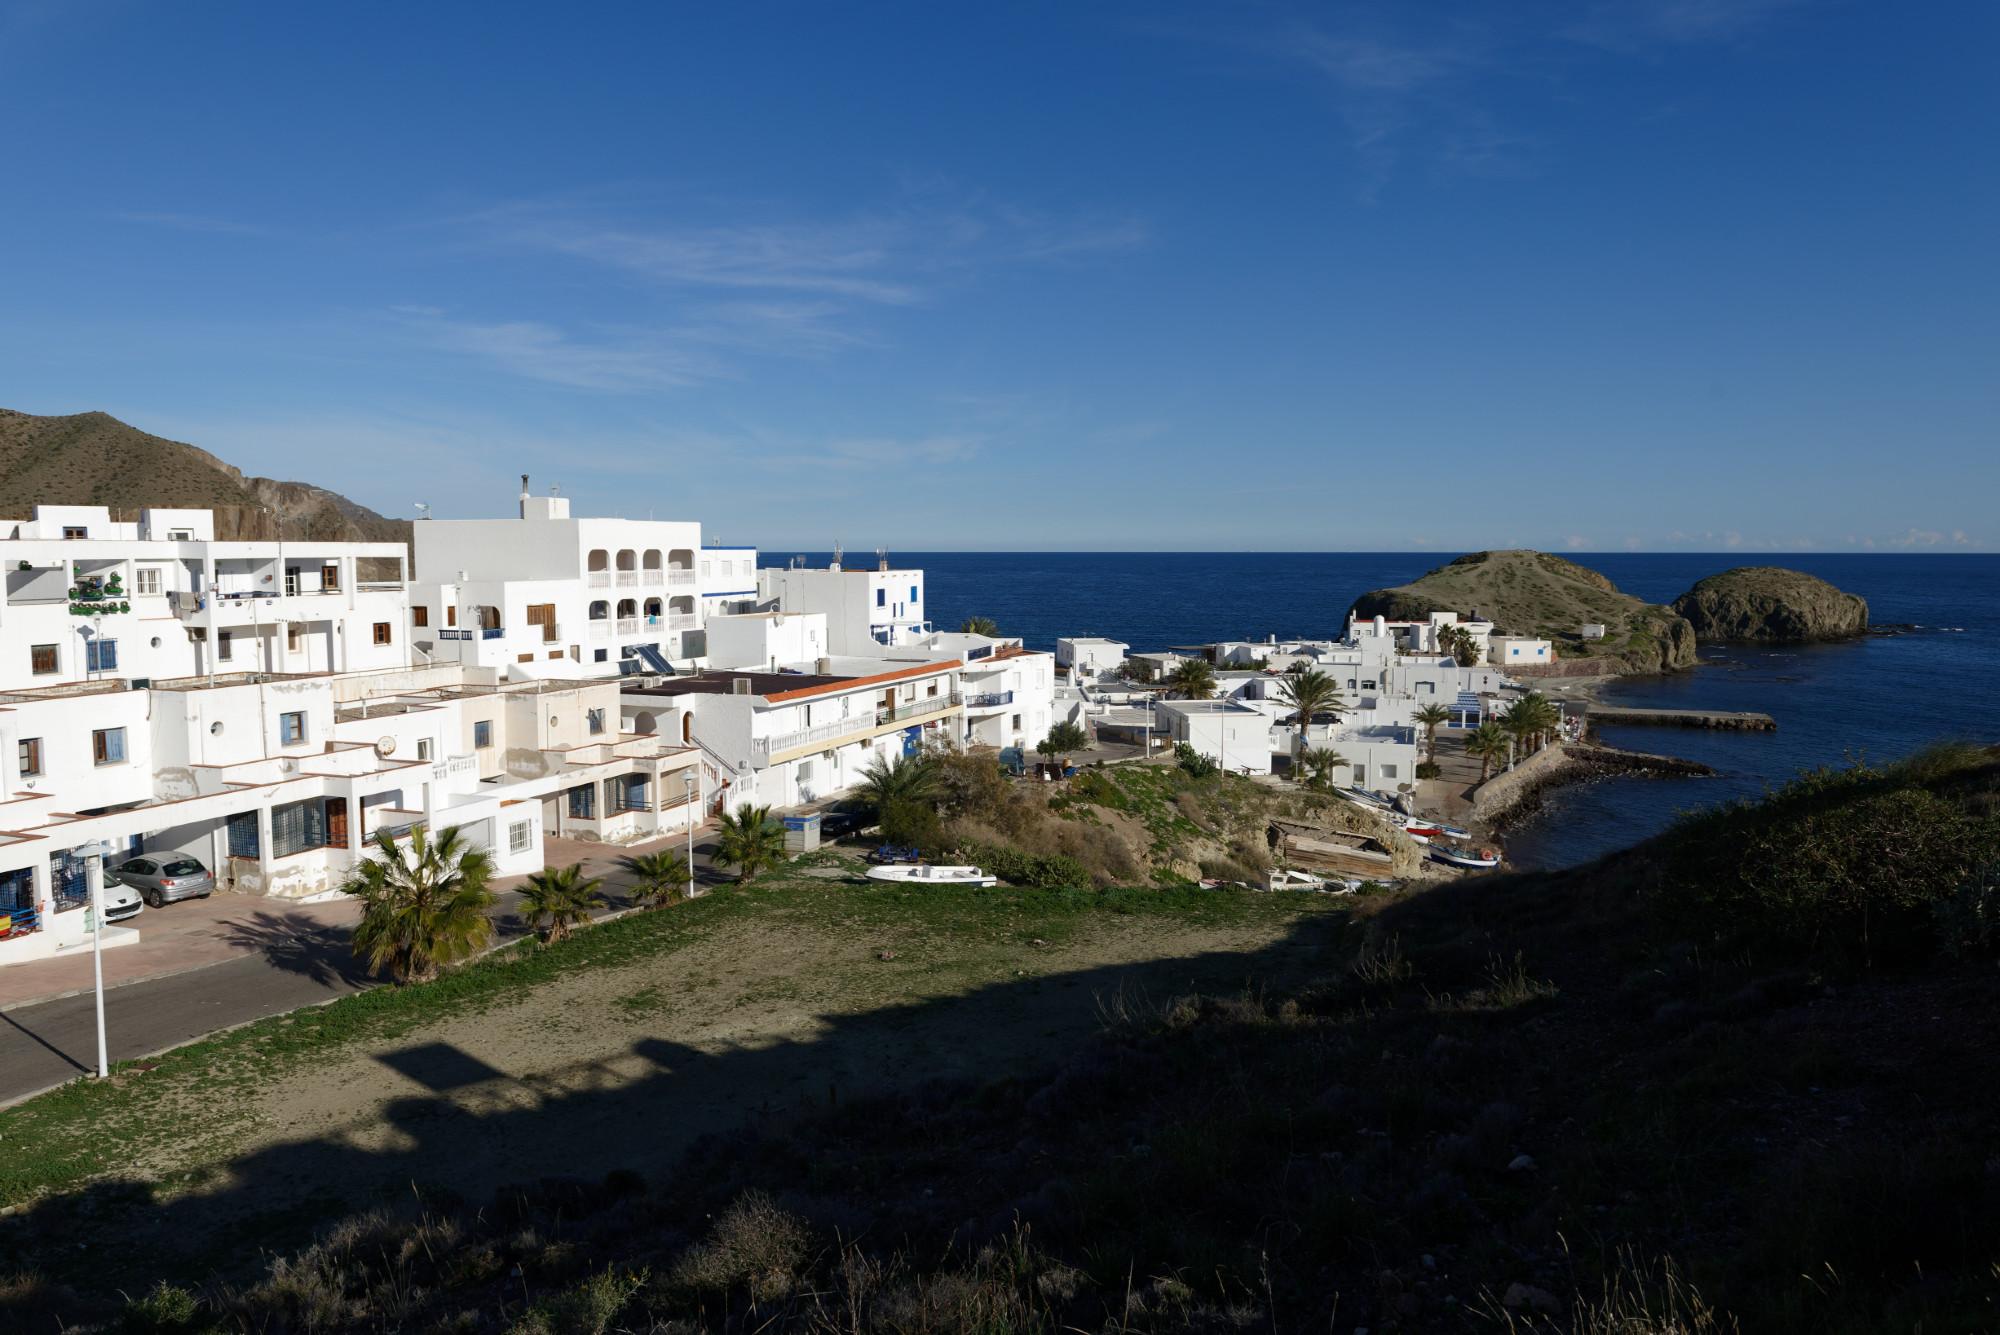 171218-La Isleta del Moro (Cabo de Gata-Andalousie) (40)